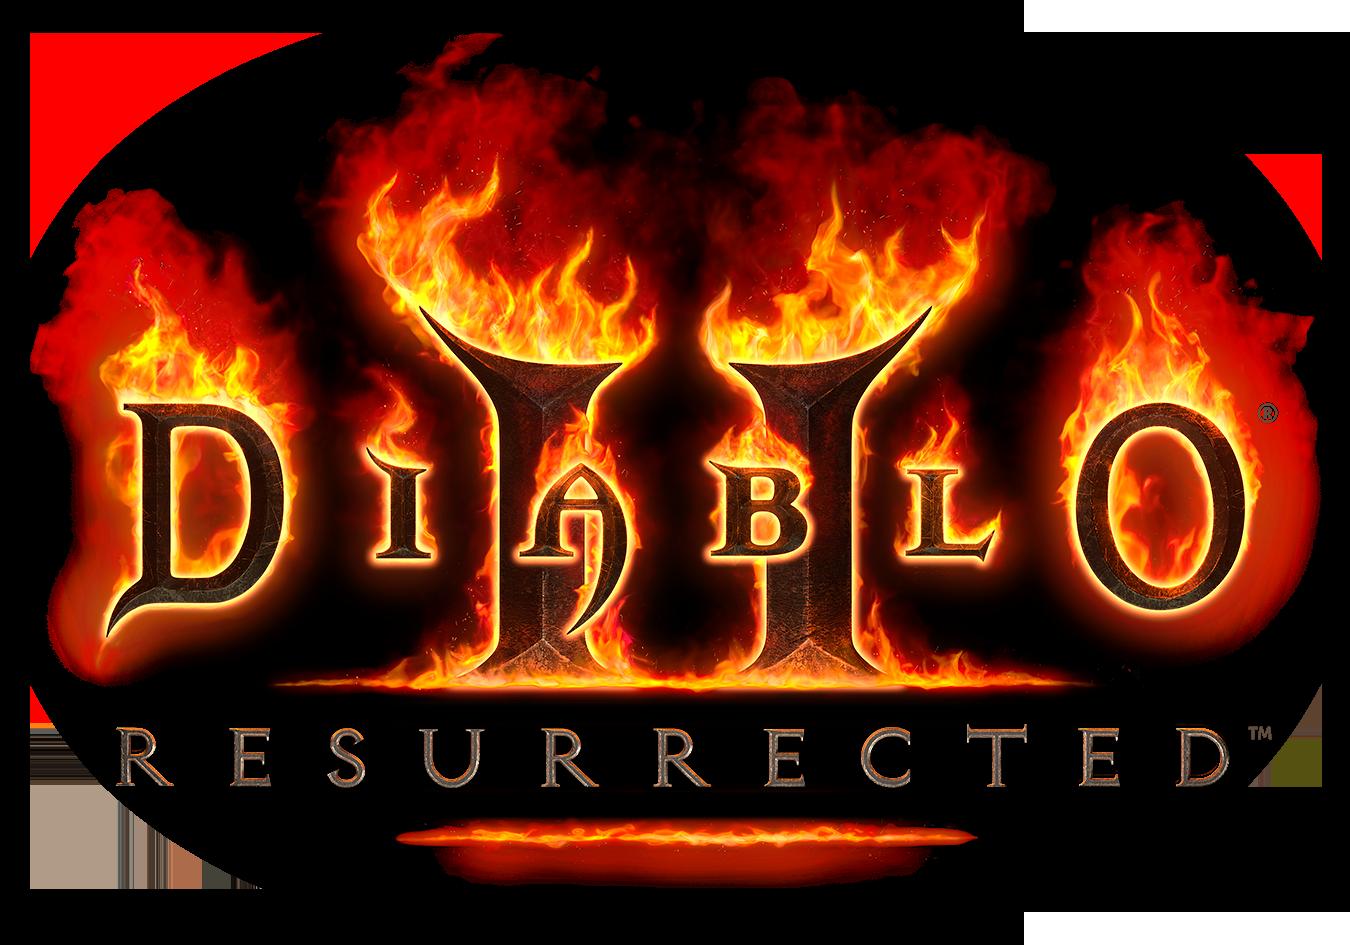 Diablo-2-Resurrected-full-game-cracked